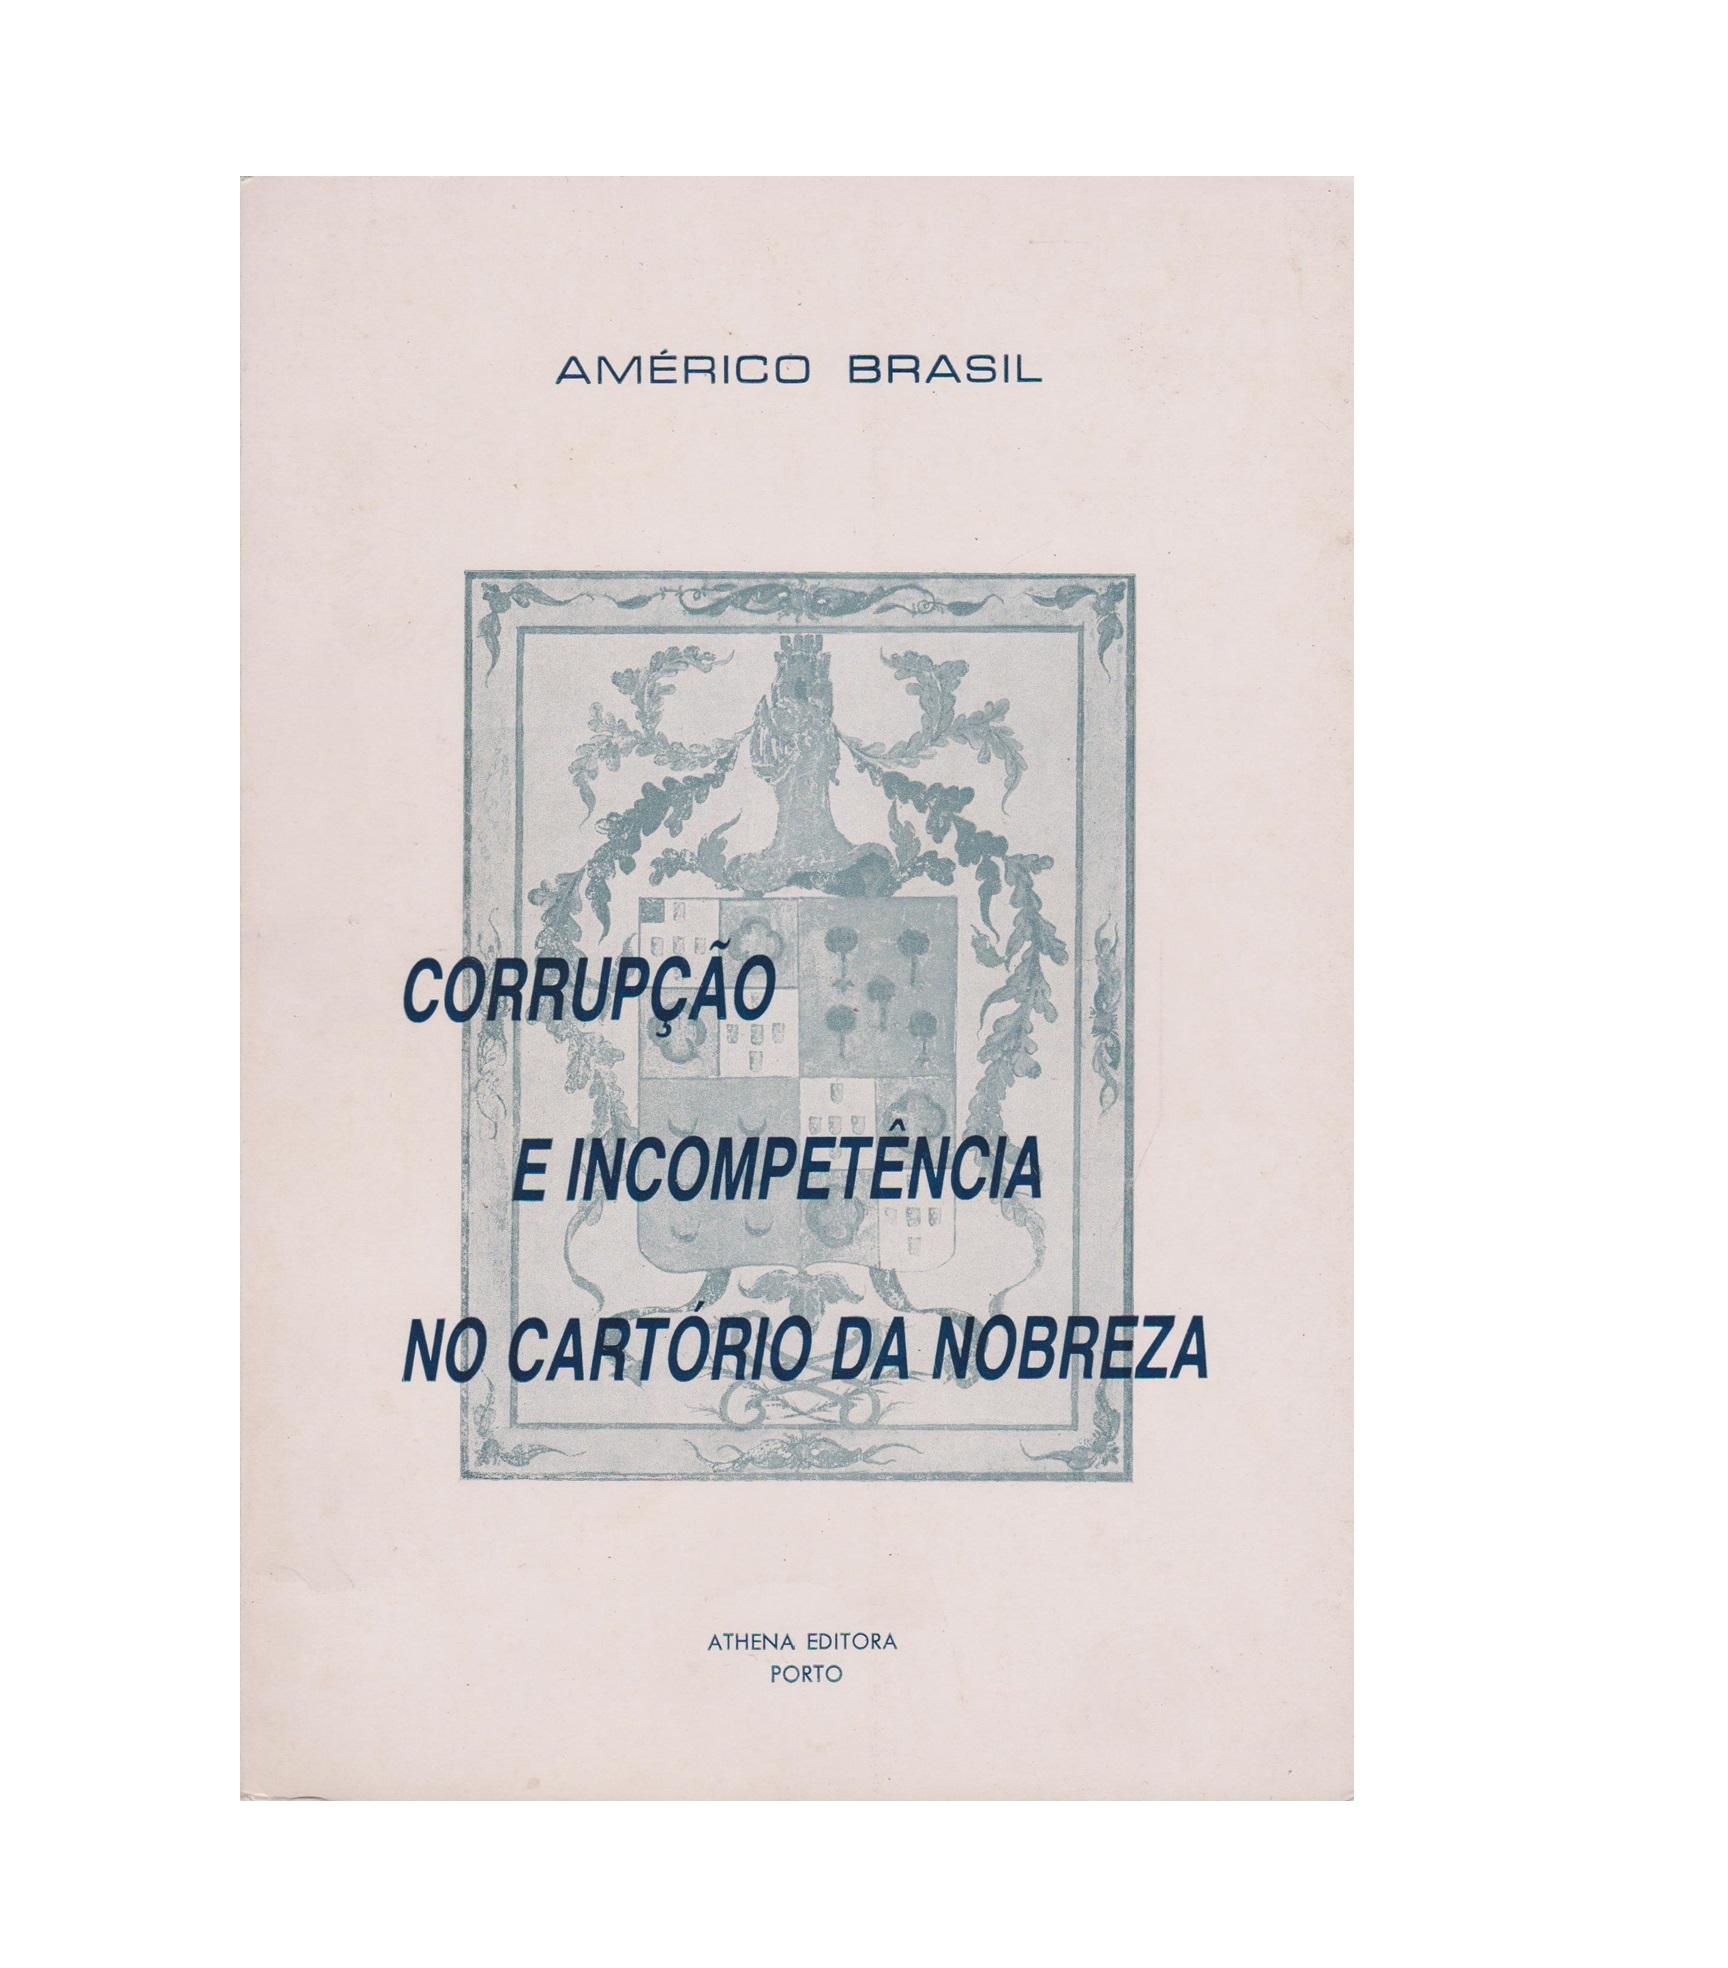 Corrupção e incompetência no Cartório da Nobreza